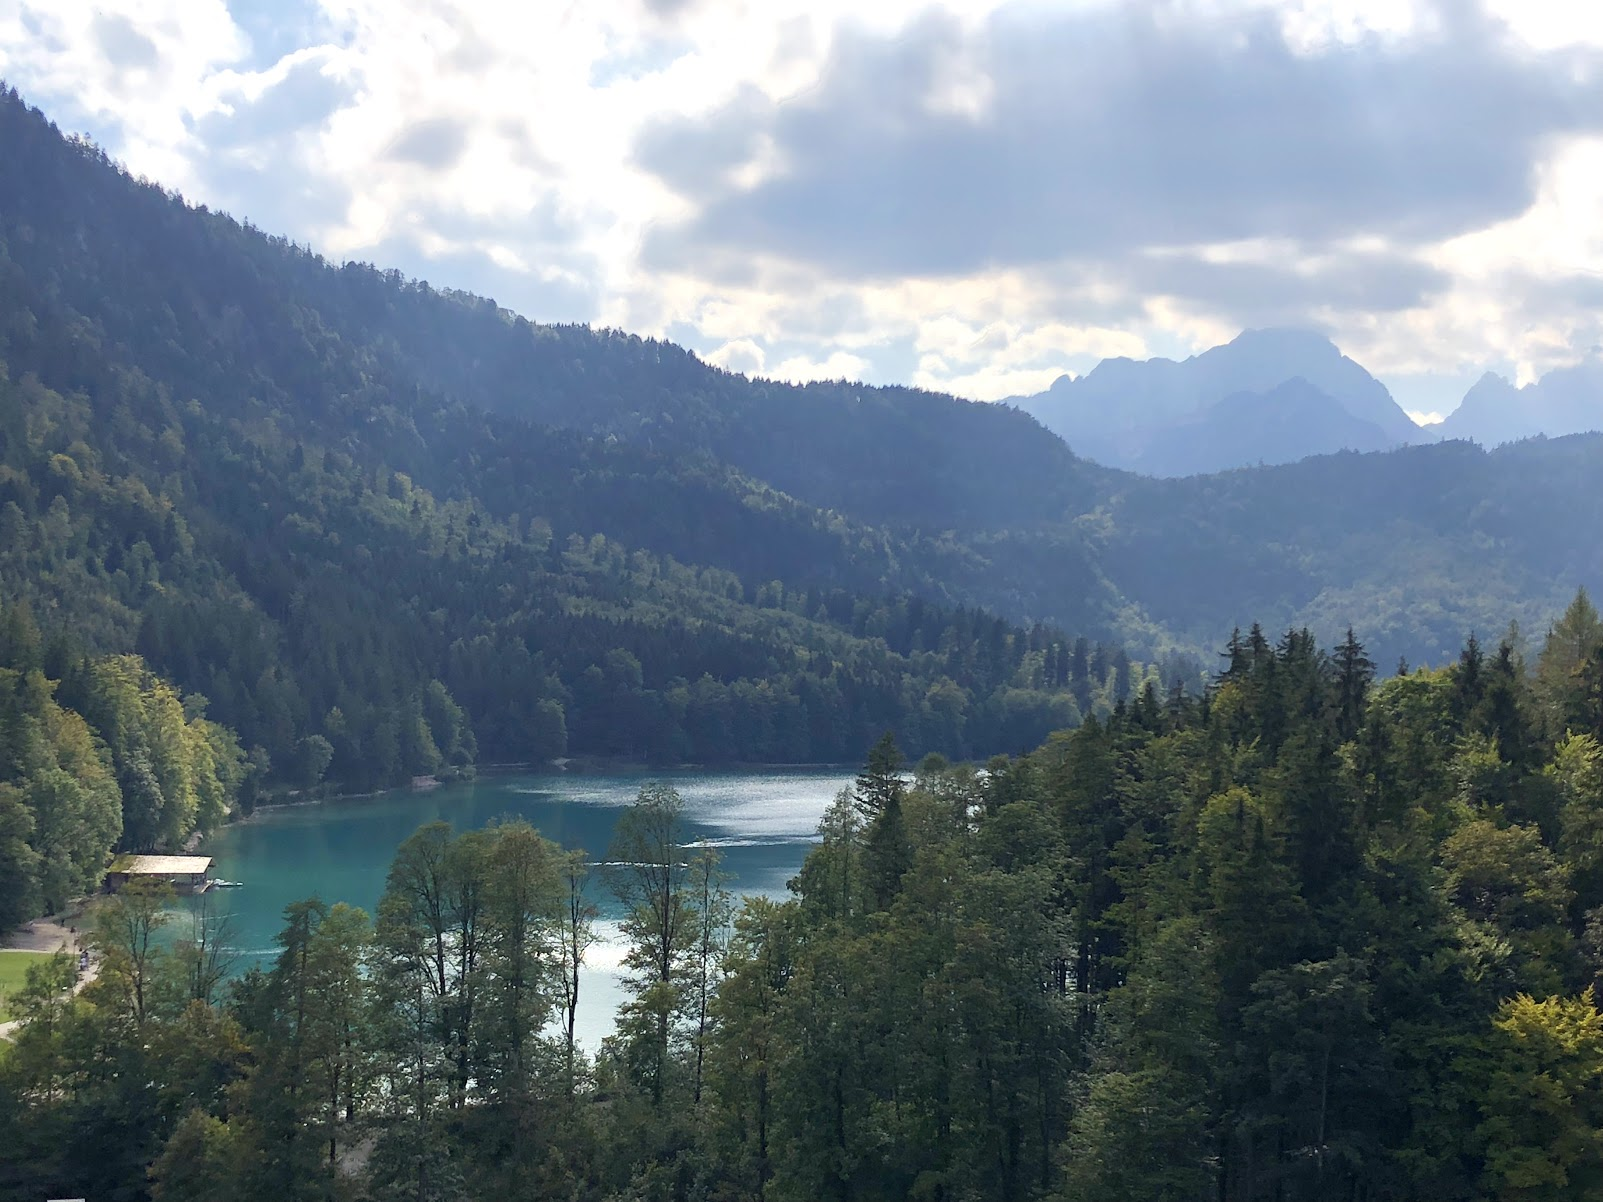 Lake view from Neuschwanstein Castle